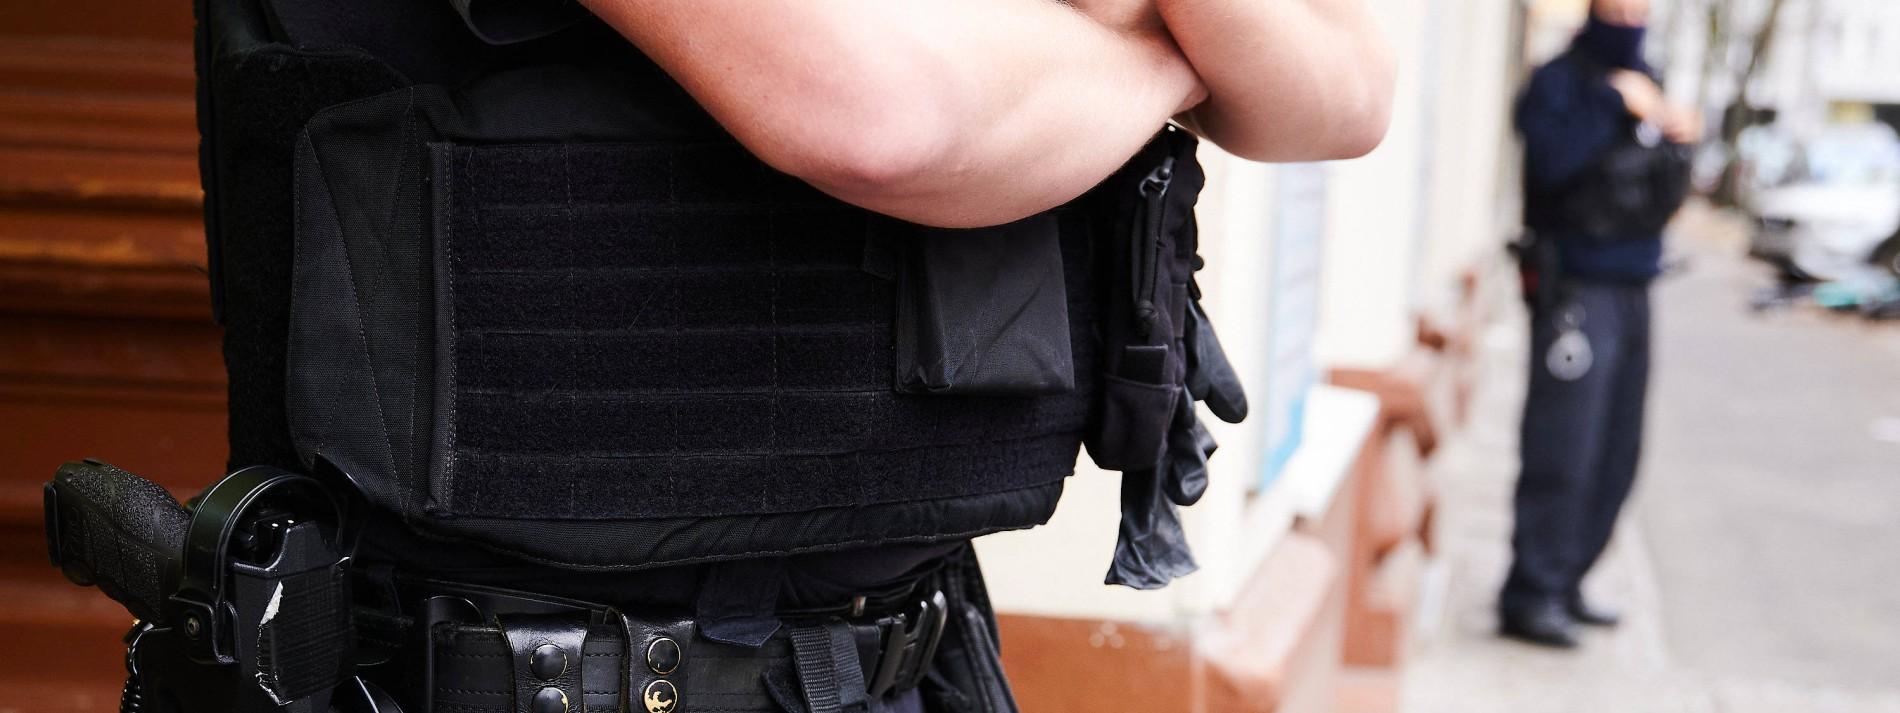 15.000 Strafanzeigen wegen Betrugs bei Corona-Soforthilfe